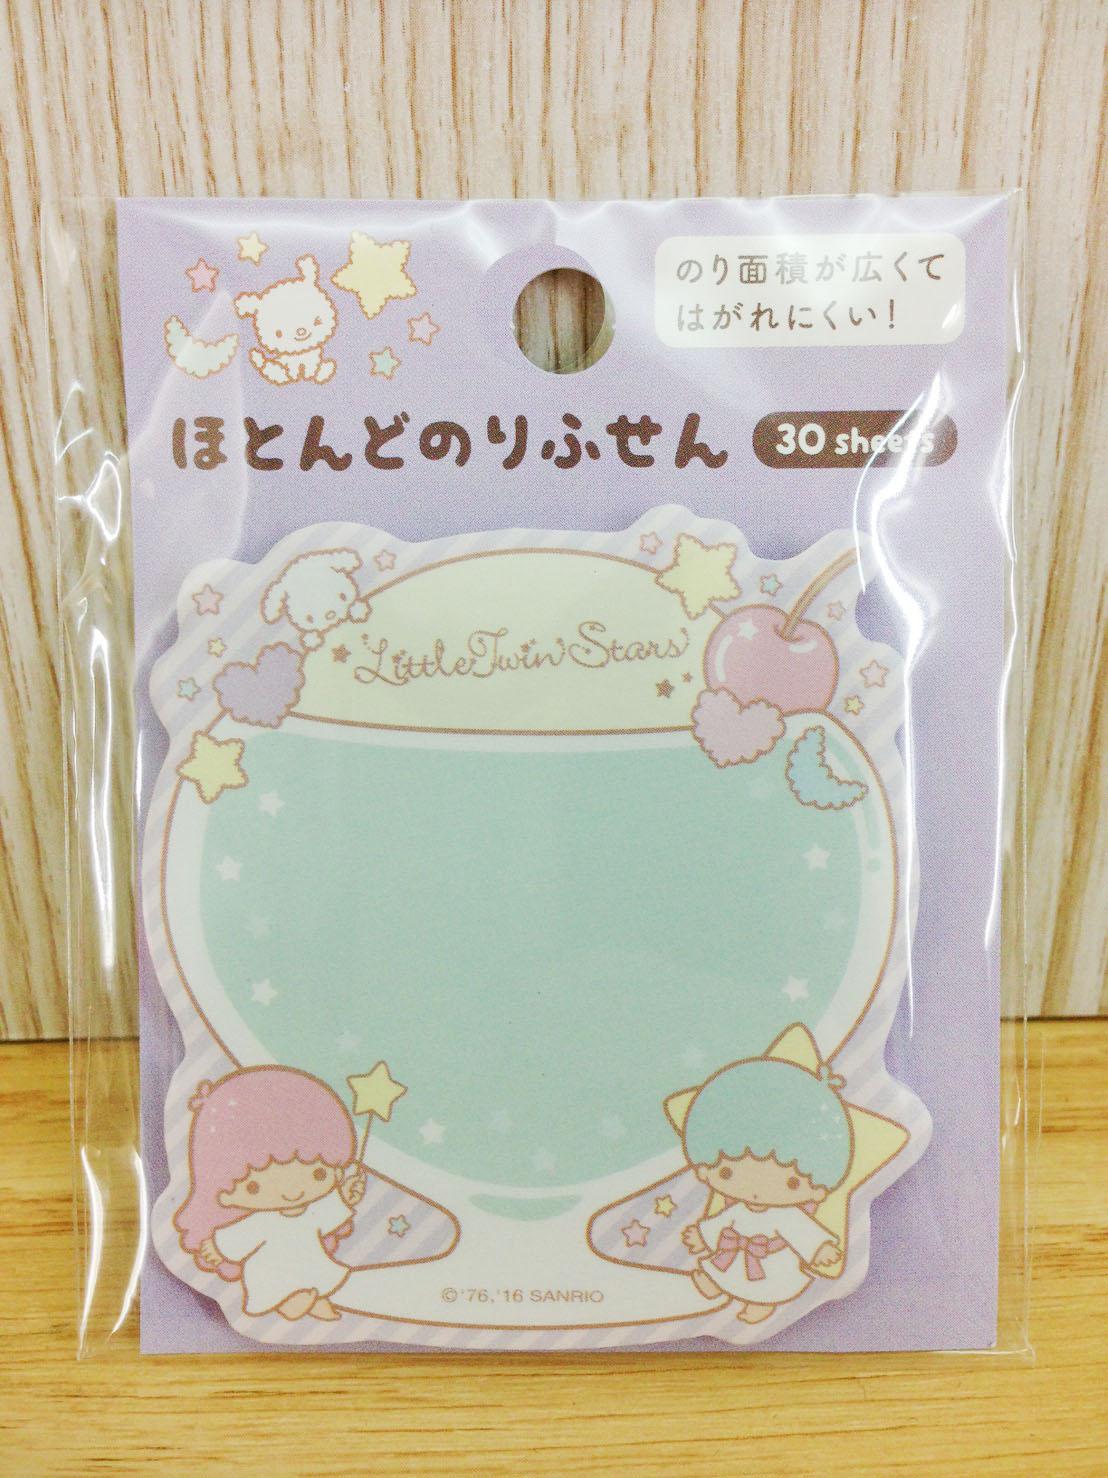 【真愛日本】16060800033造型自黏便箋-TS聖代紫  三麗鷗家族 Kikilala 雙子星 文具 標籤紙 造型標籤